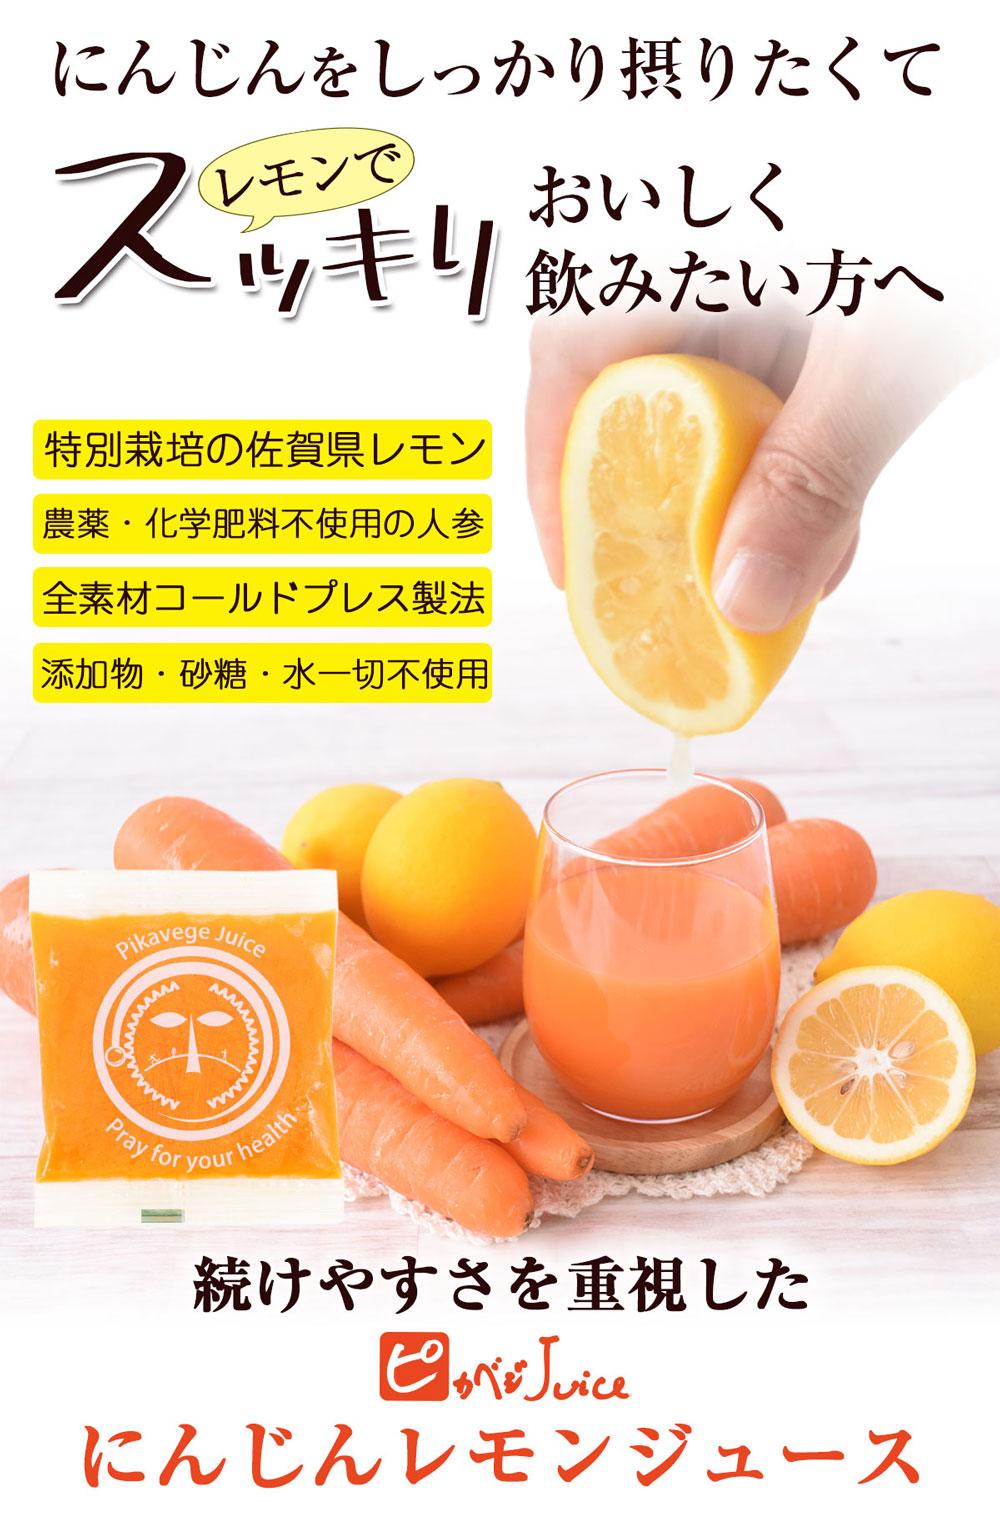 にんじんレモン冷凍ジュース 3箱 【100c×90p】【冷凍ジュース】【無農薬人参】【レモン】